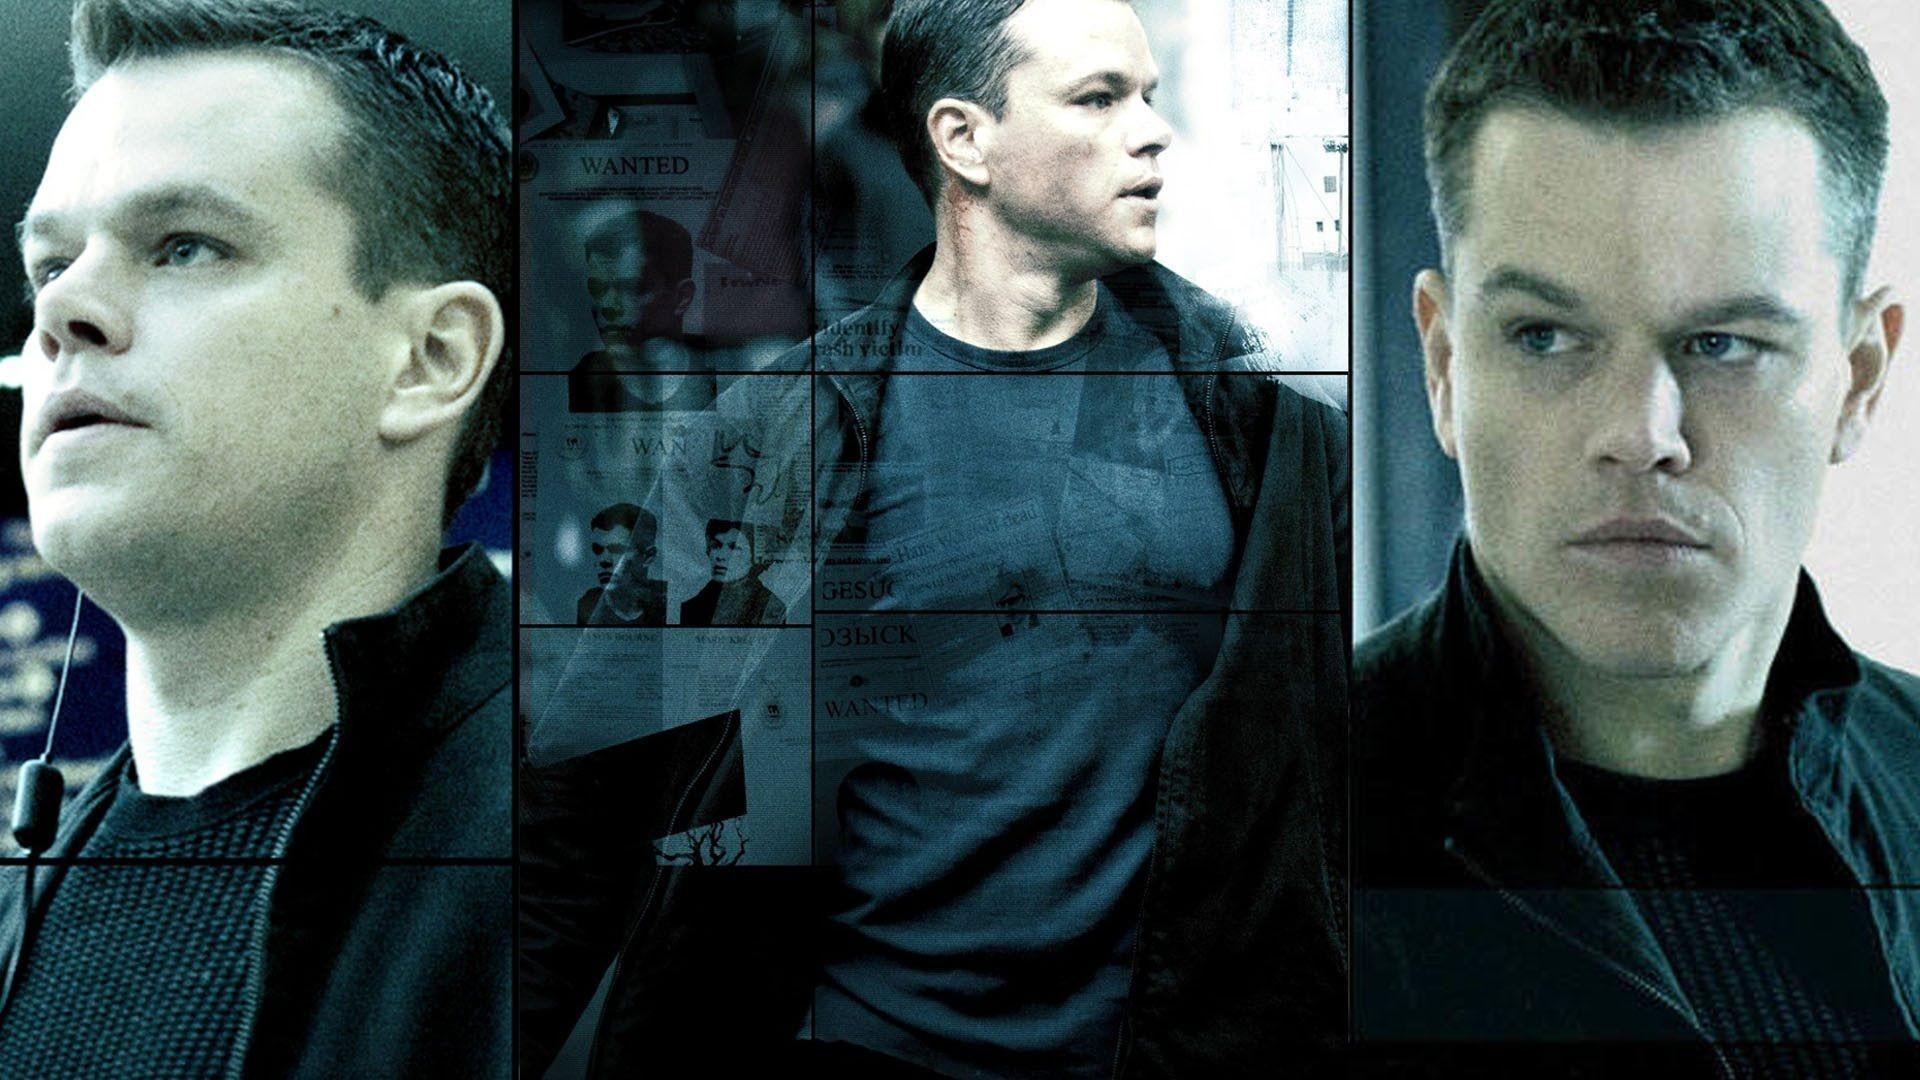 Res: 1920x1080, Jason Bourne Wallpaper HD 6 - 1920 X 1080